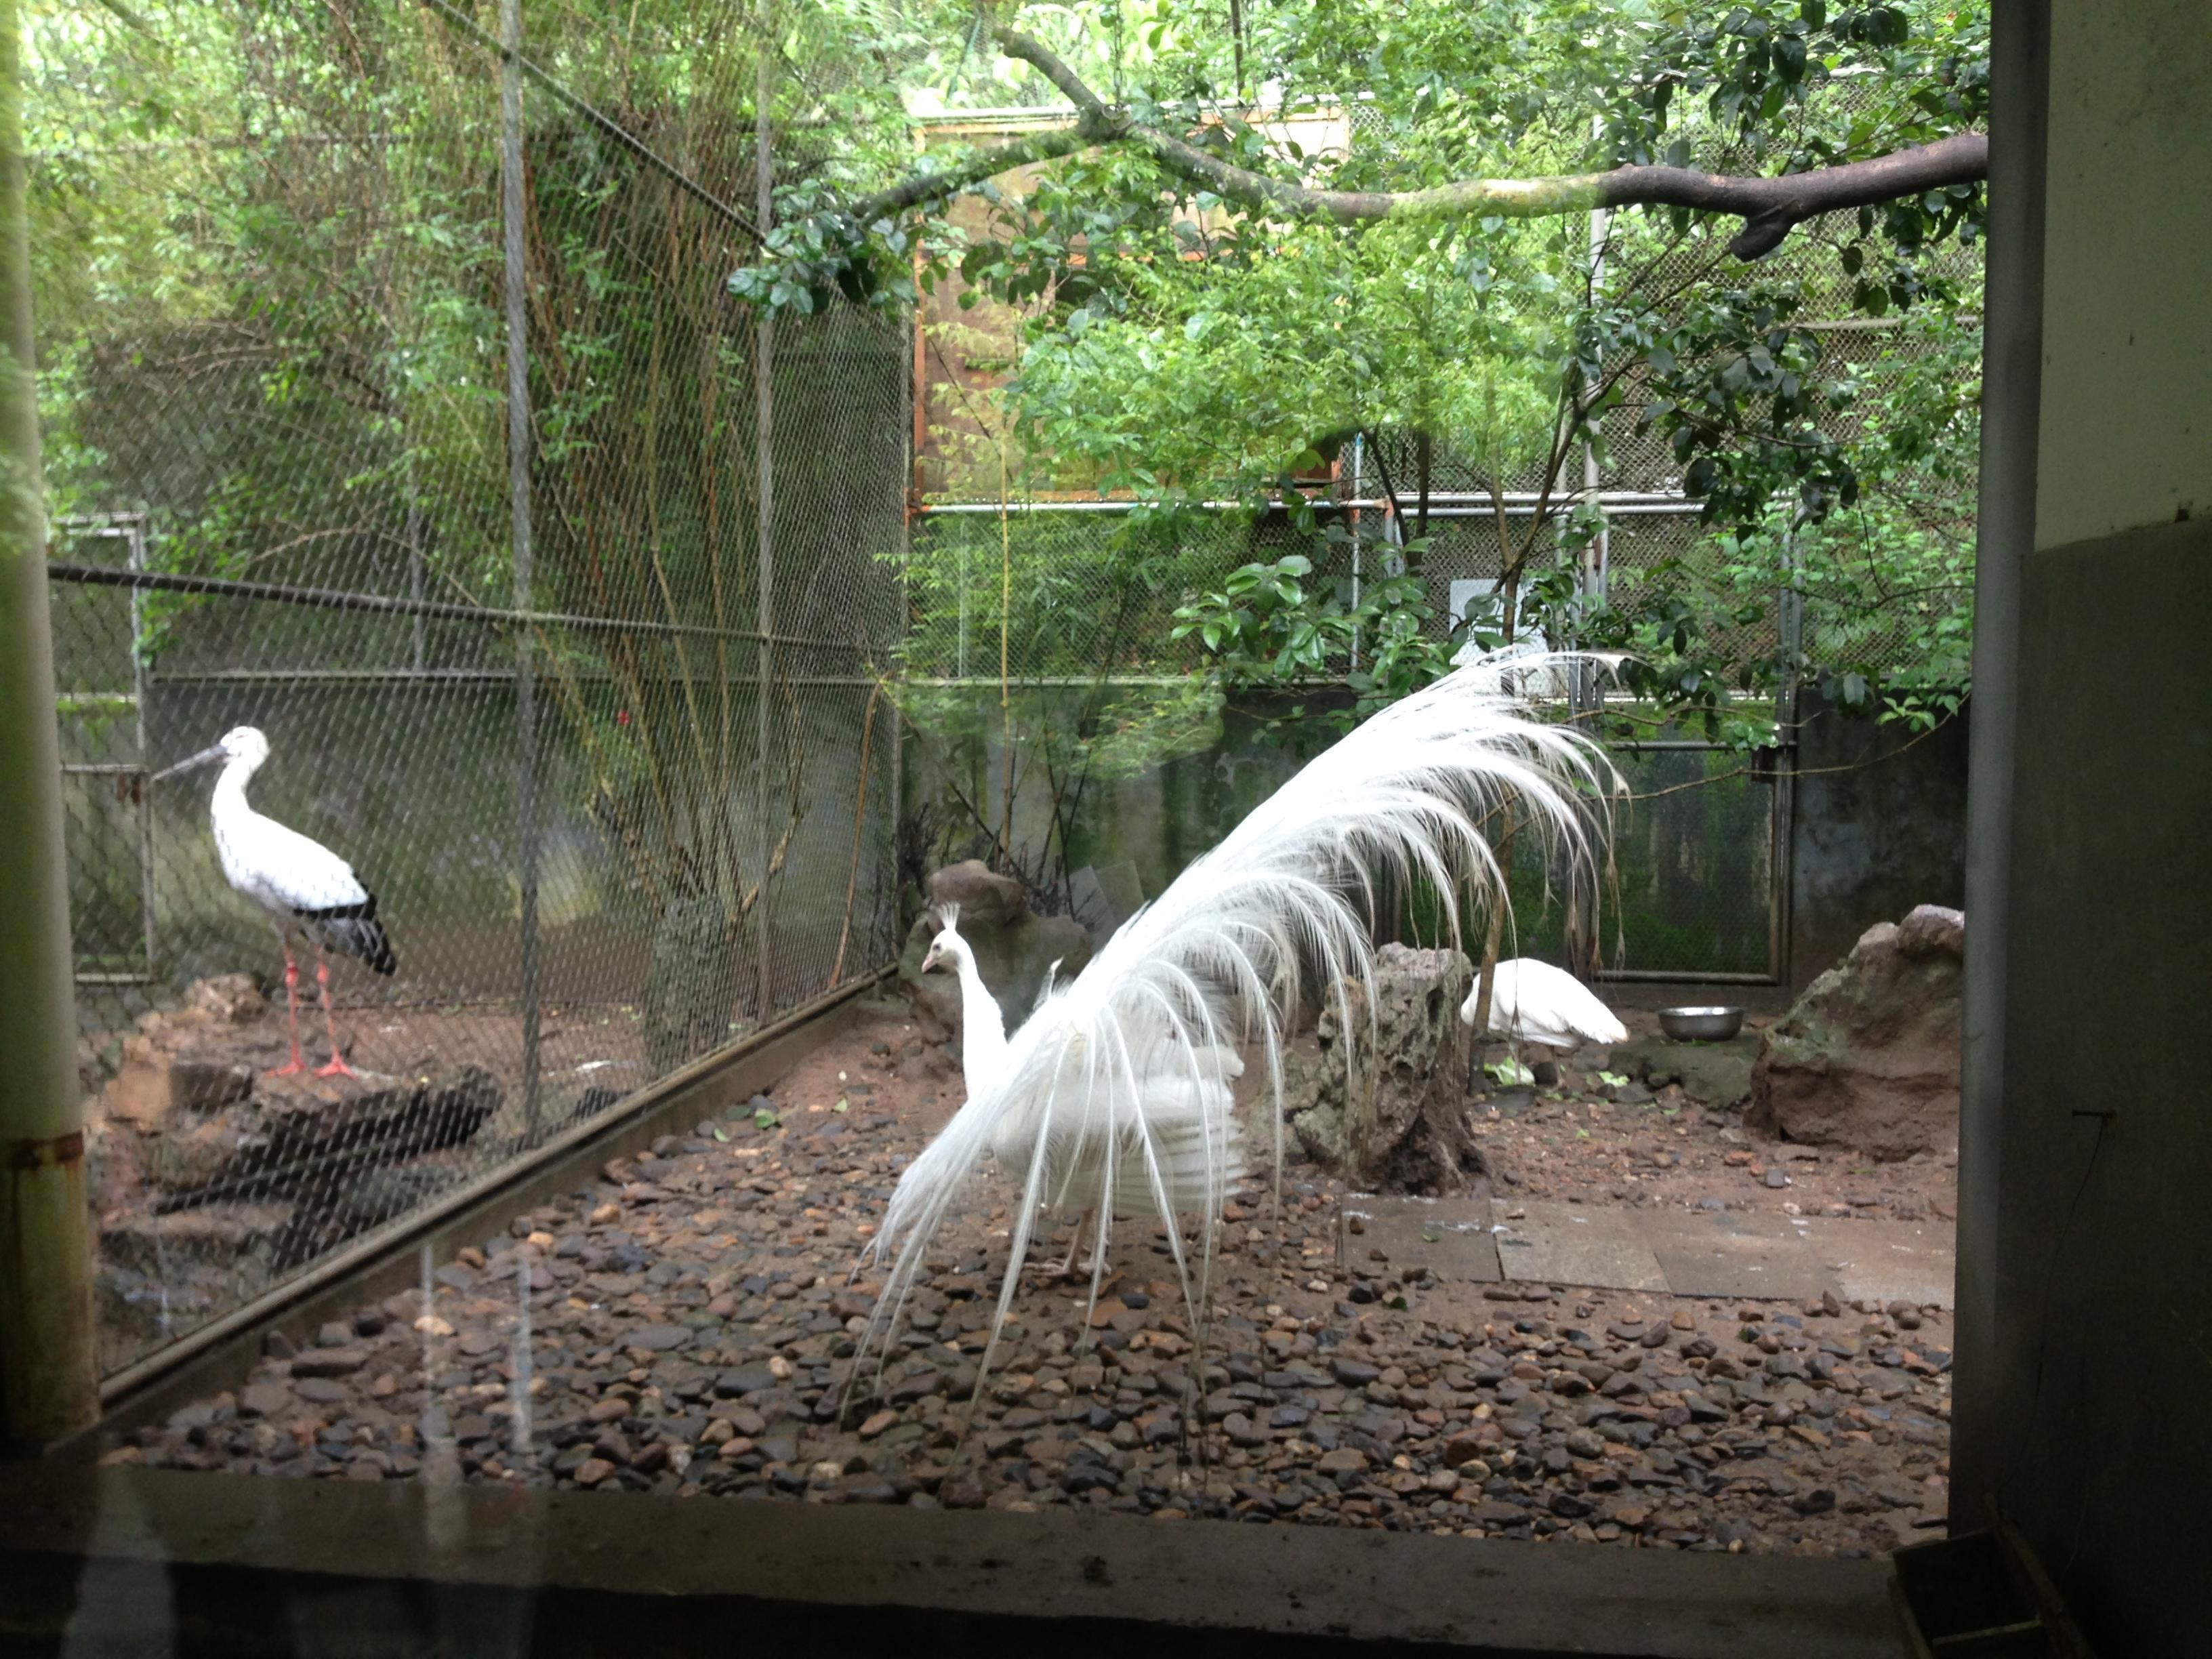 【携程攻略】浙江杭州动物园景点